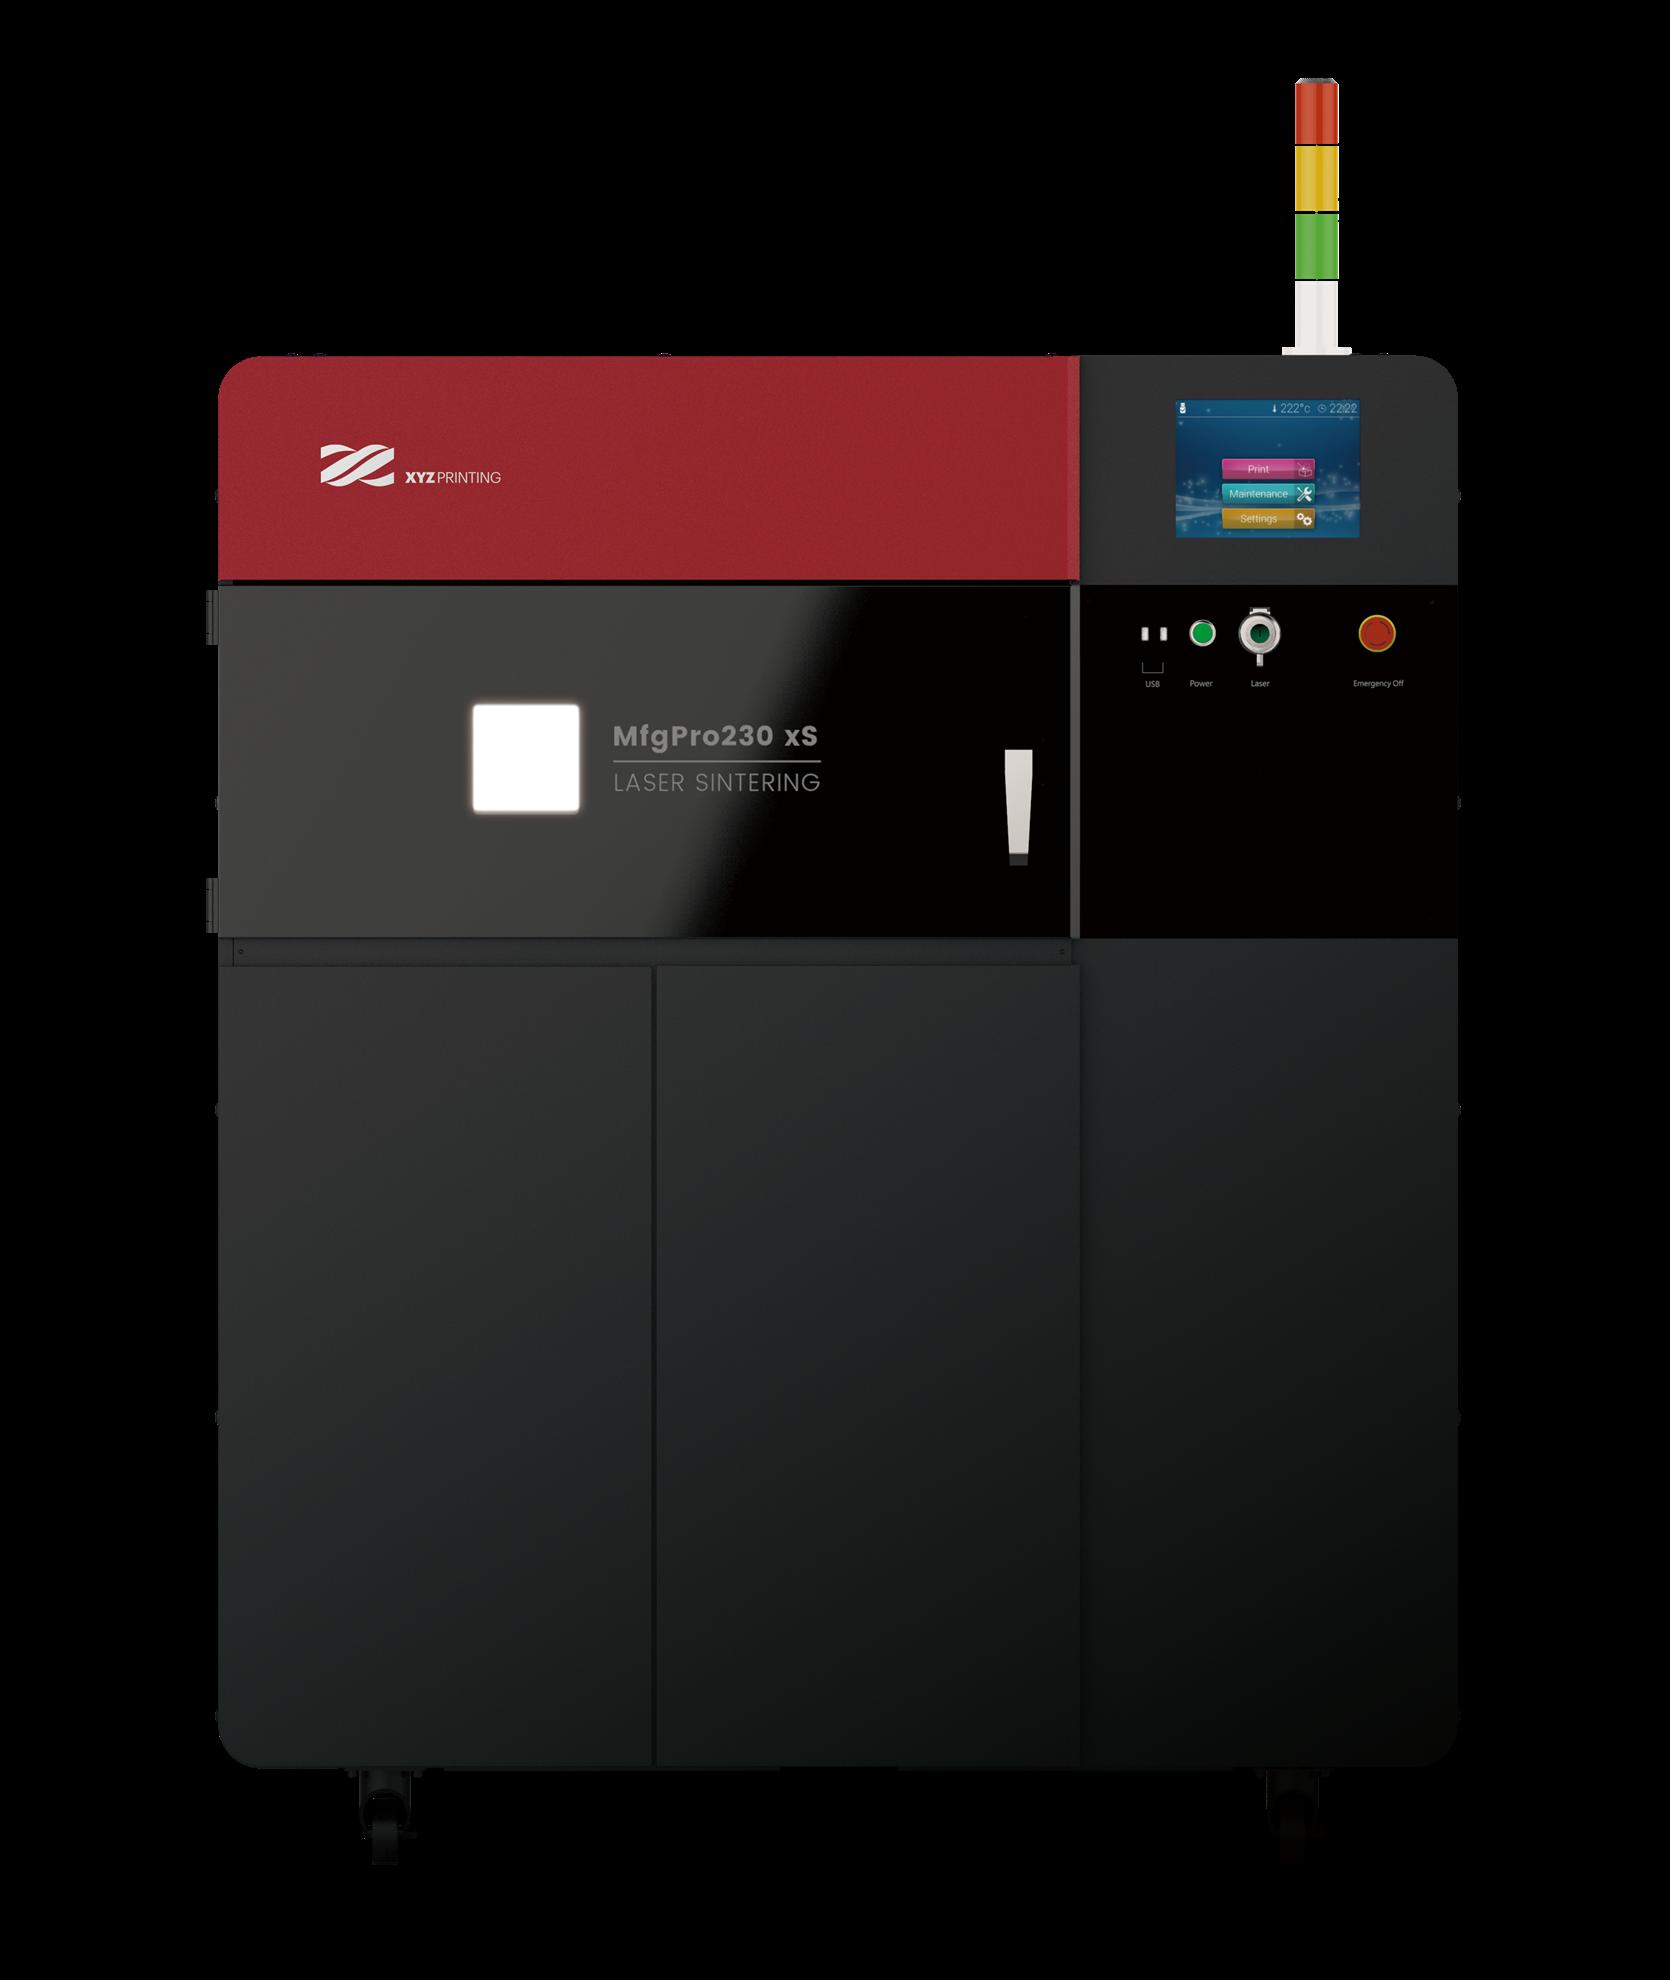 XYZ Printing- MfgPro230xS